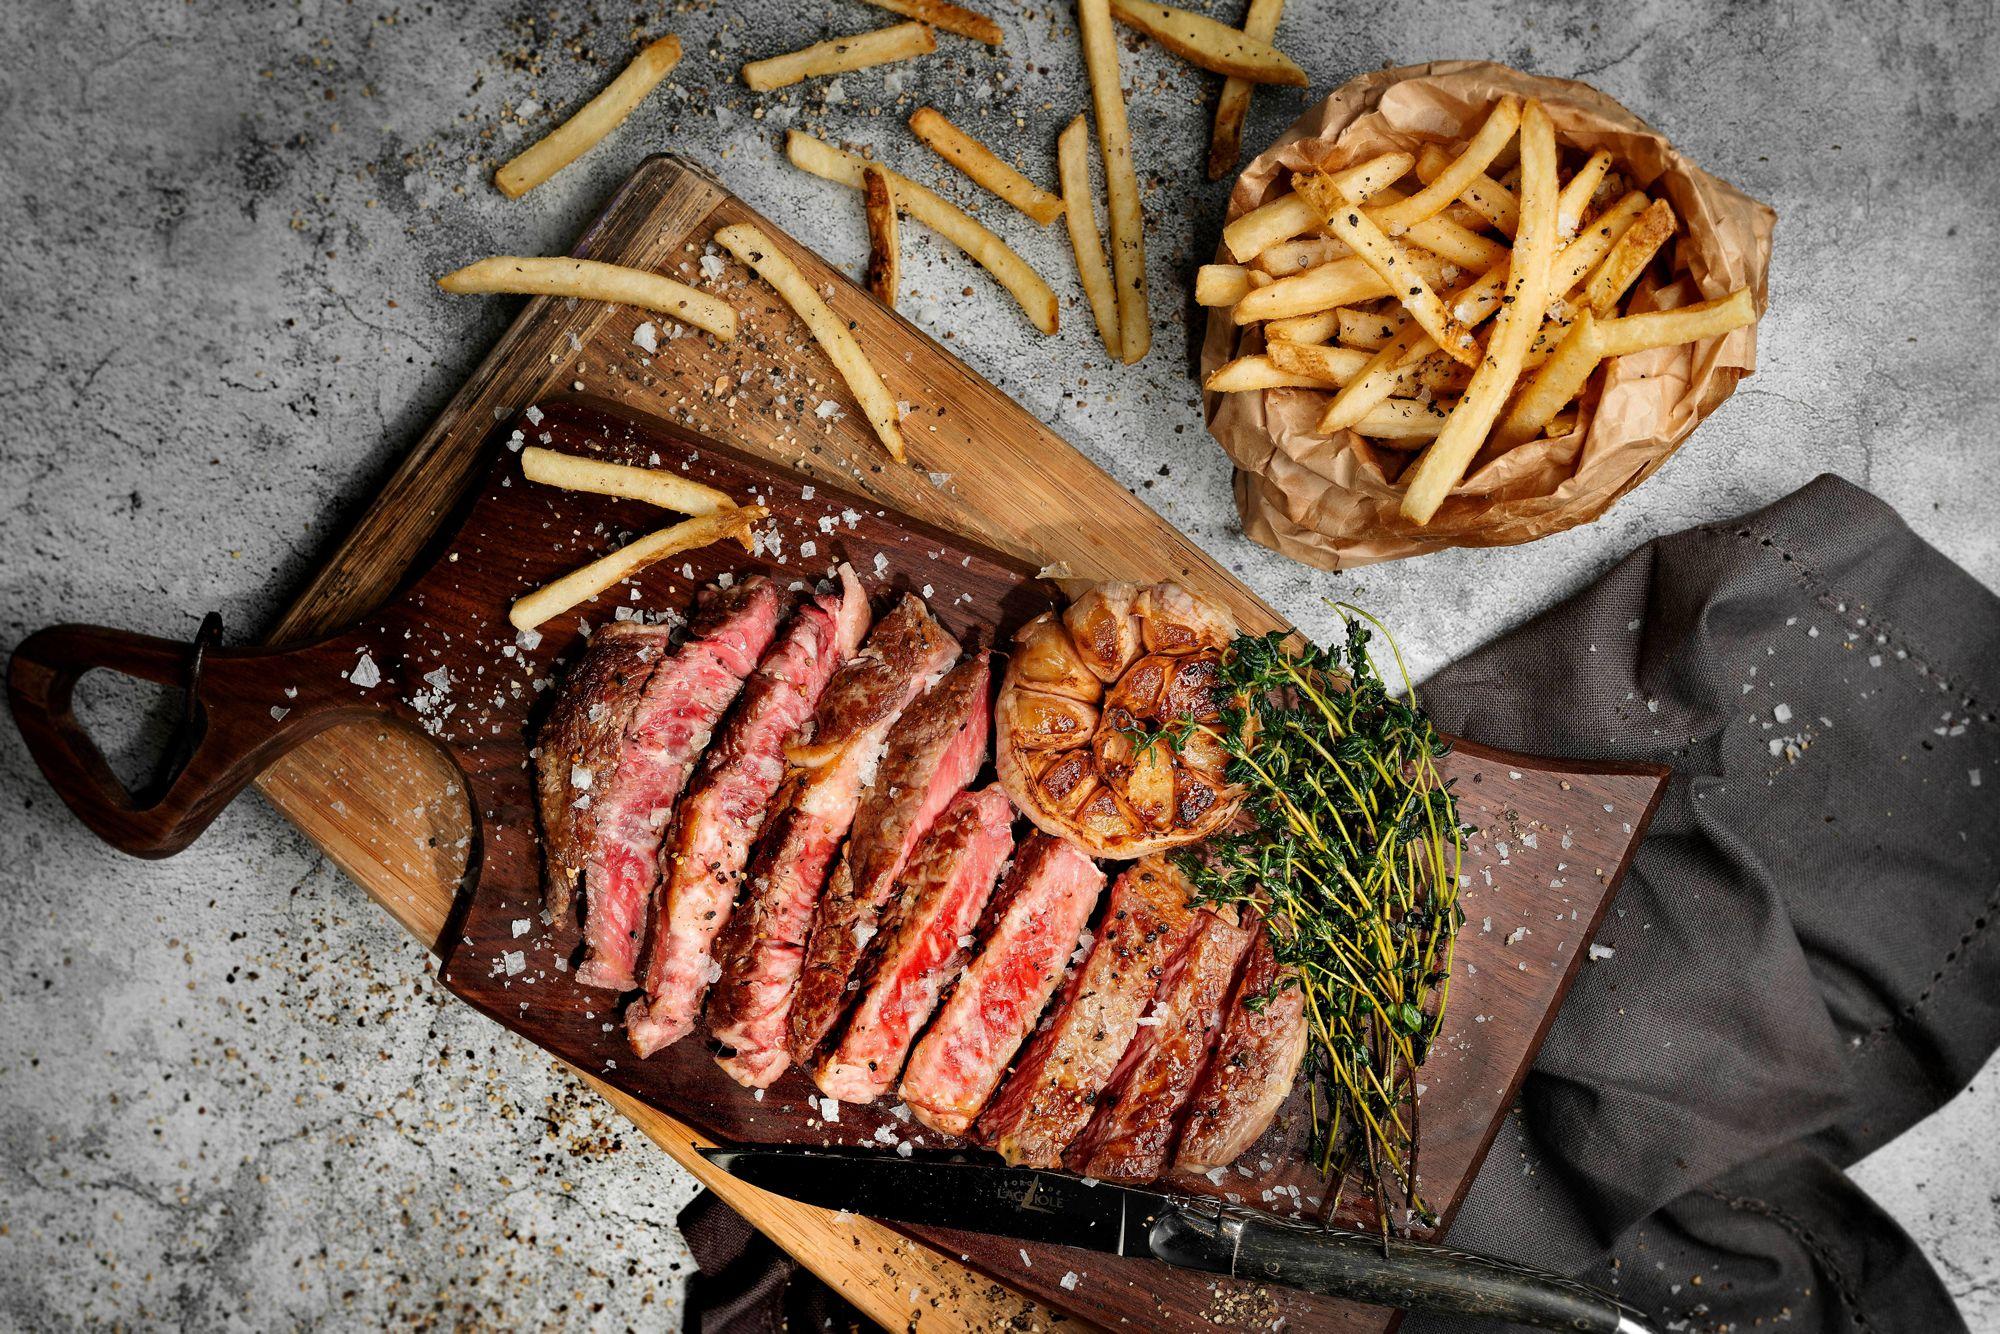 Steak Fritz dinner at The Lounge & Bar